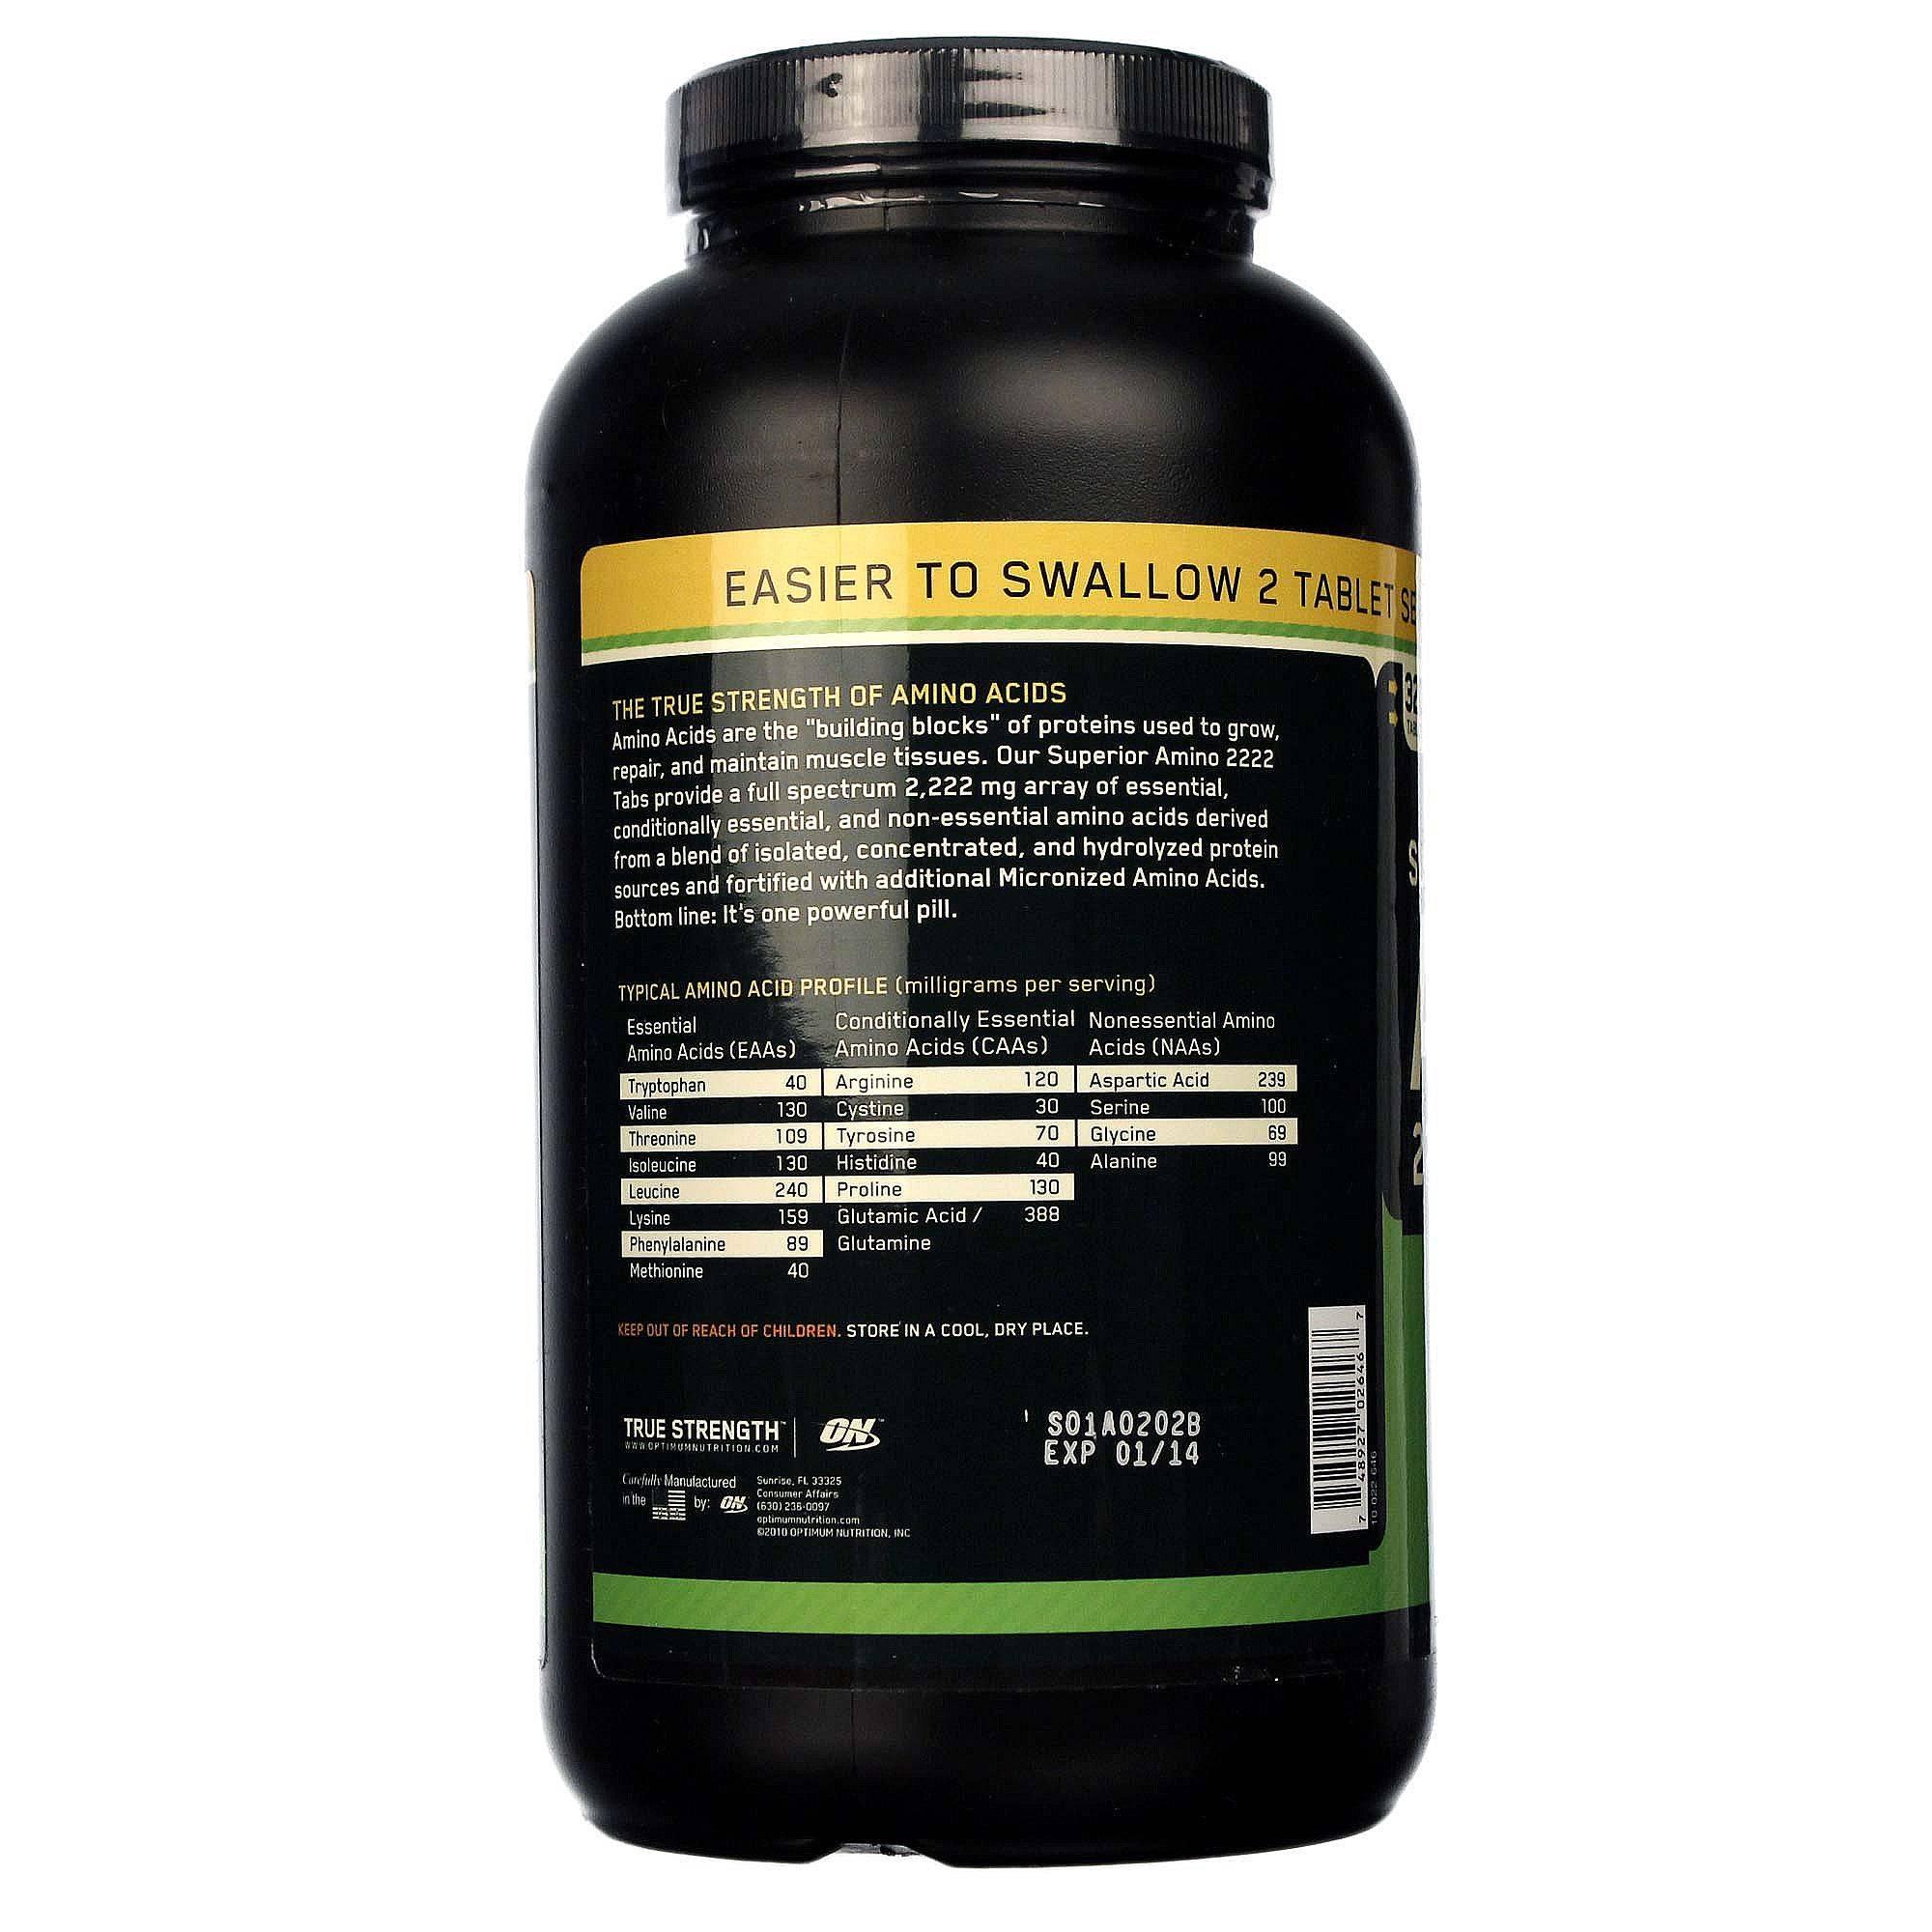 Как правильно принимать superior amino 2222